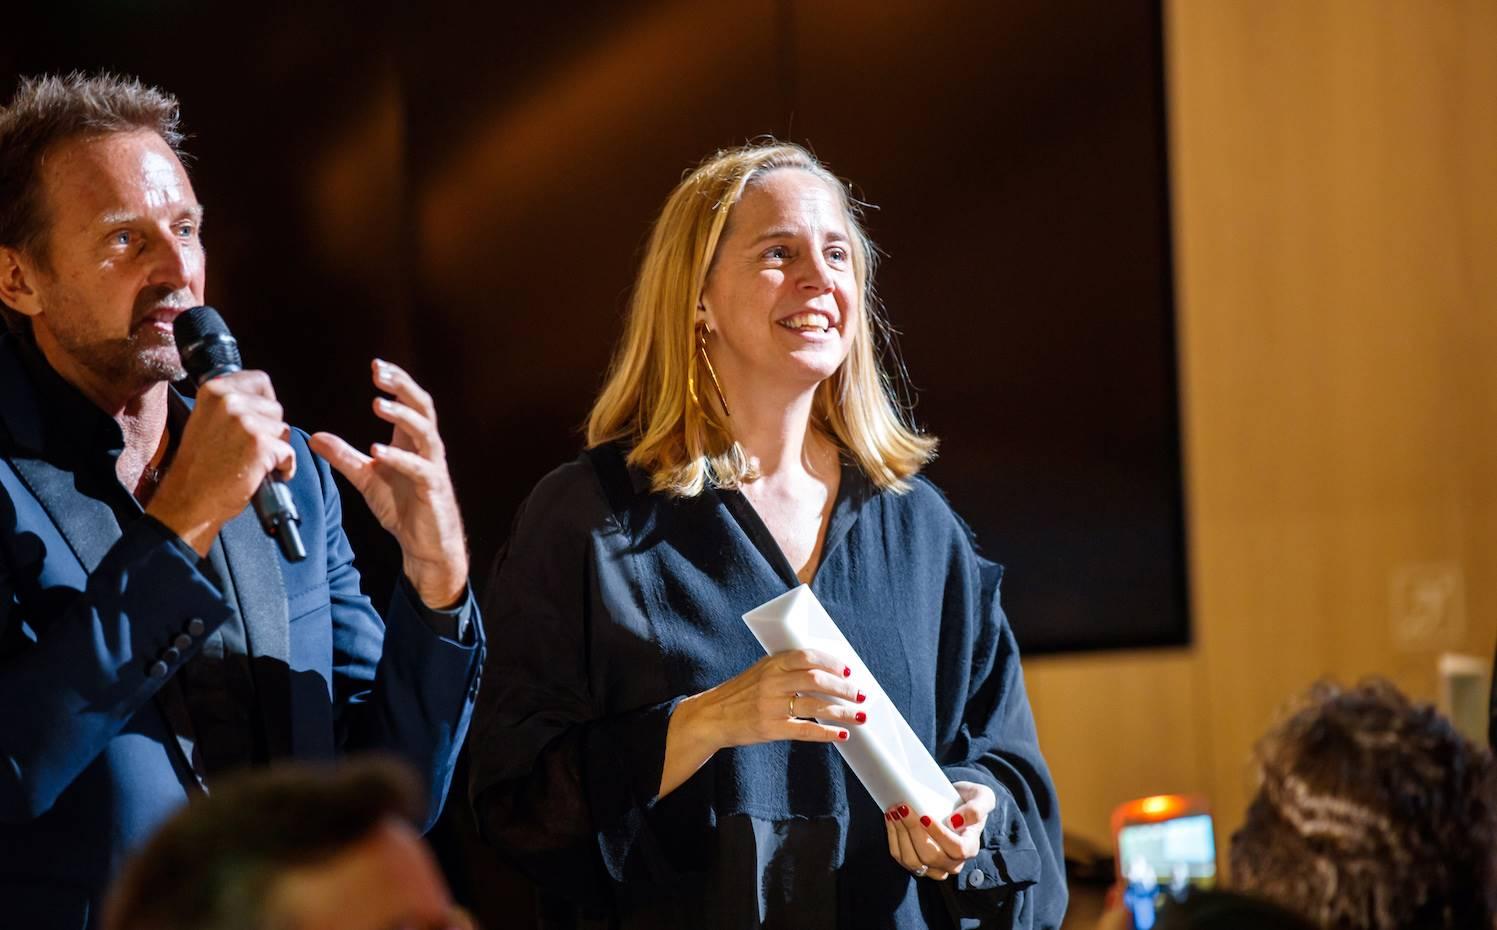 Sheila Loewe recogió uno de los premios especiales otorgado a la Fundación Loewe por su labor de apoyo a la creatividad y la artesanía.